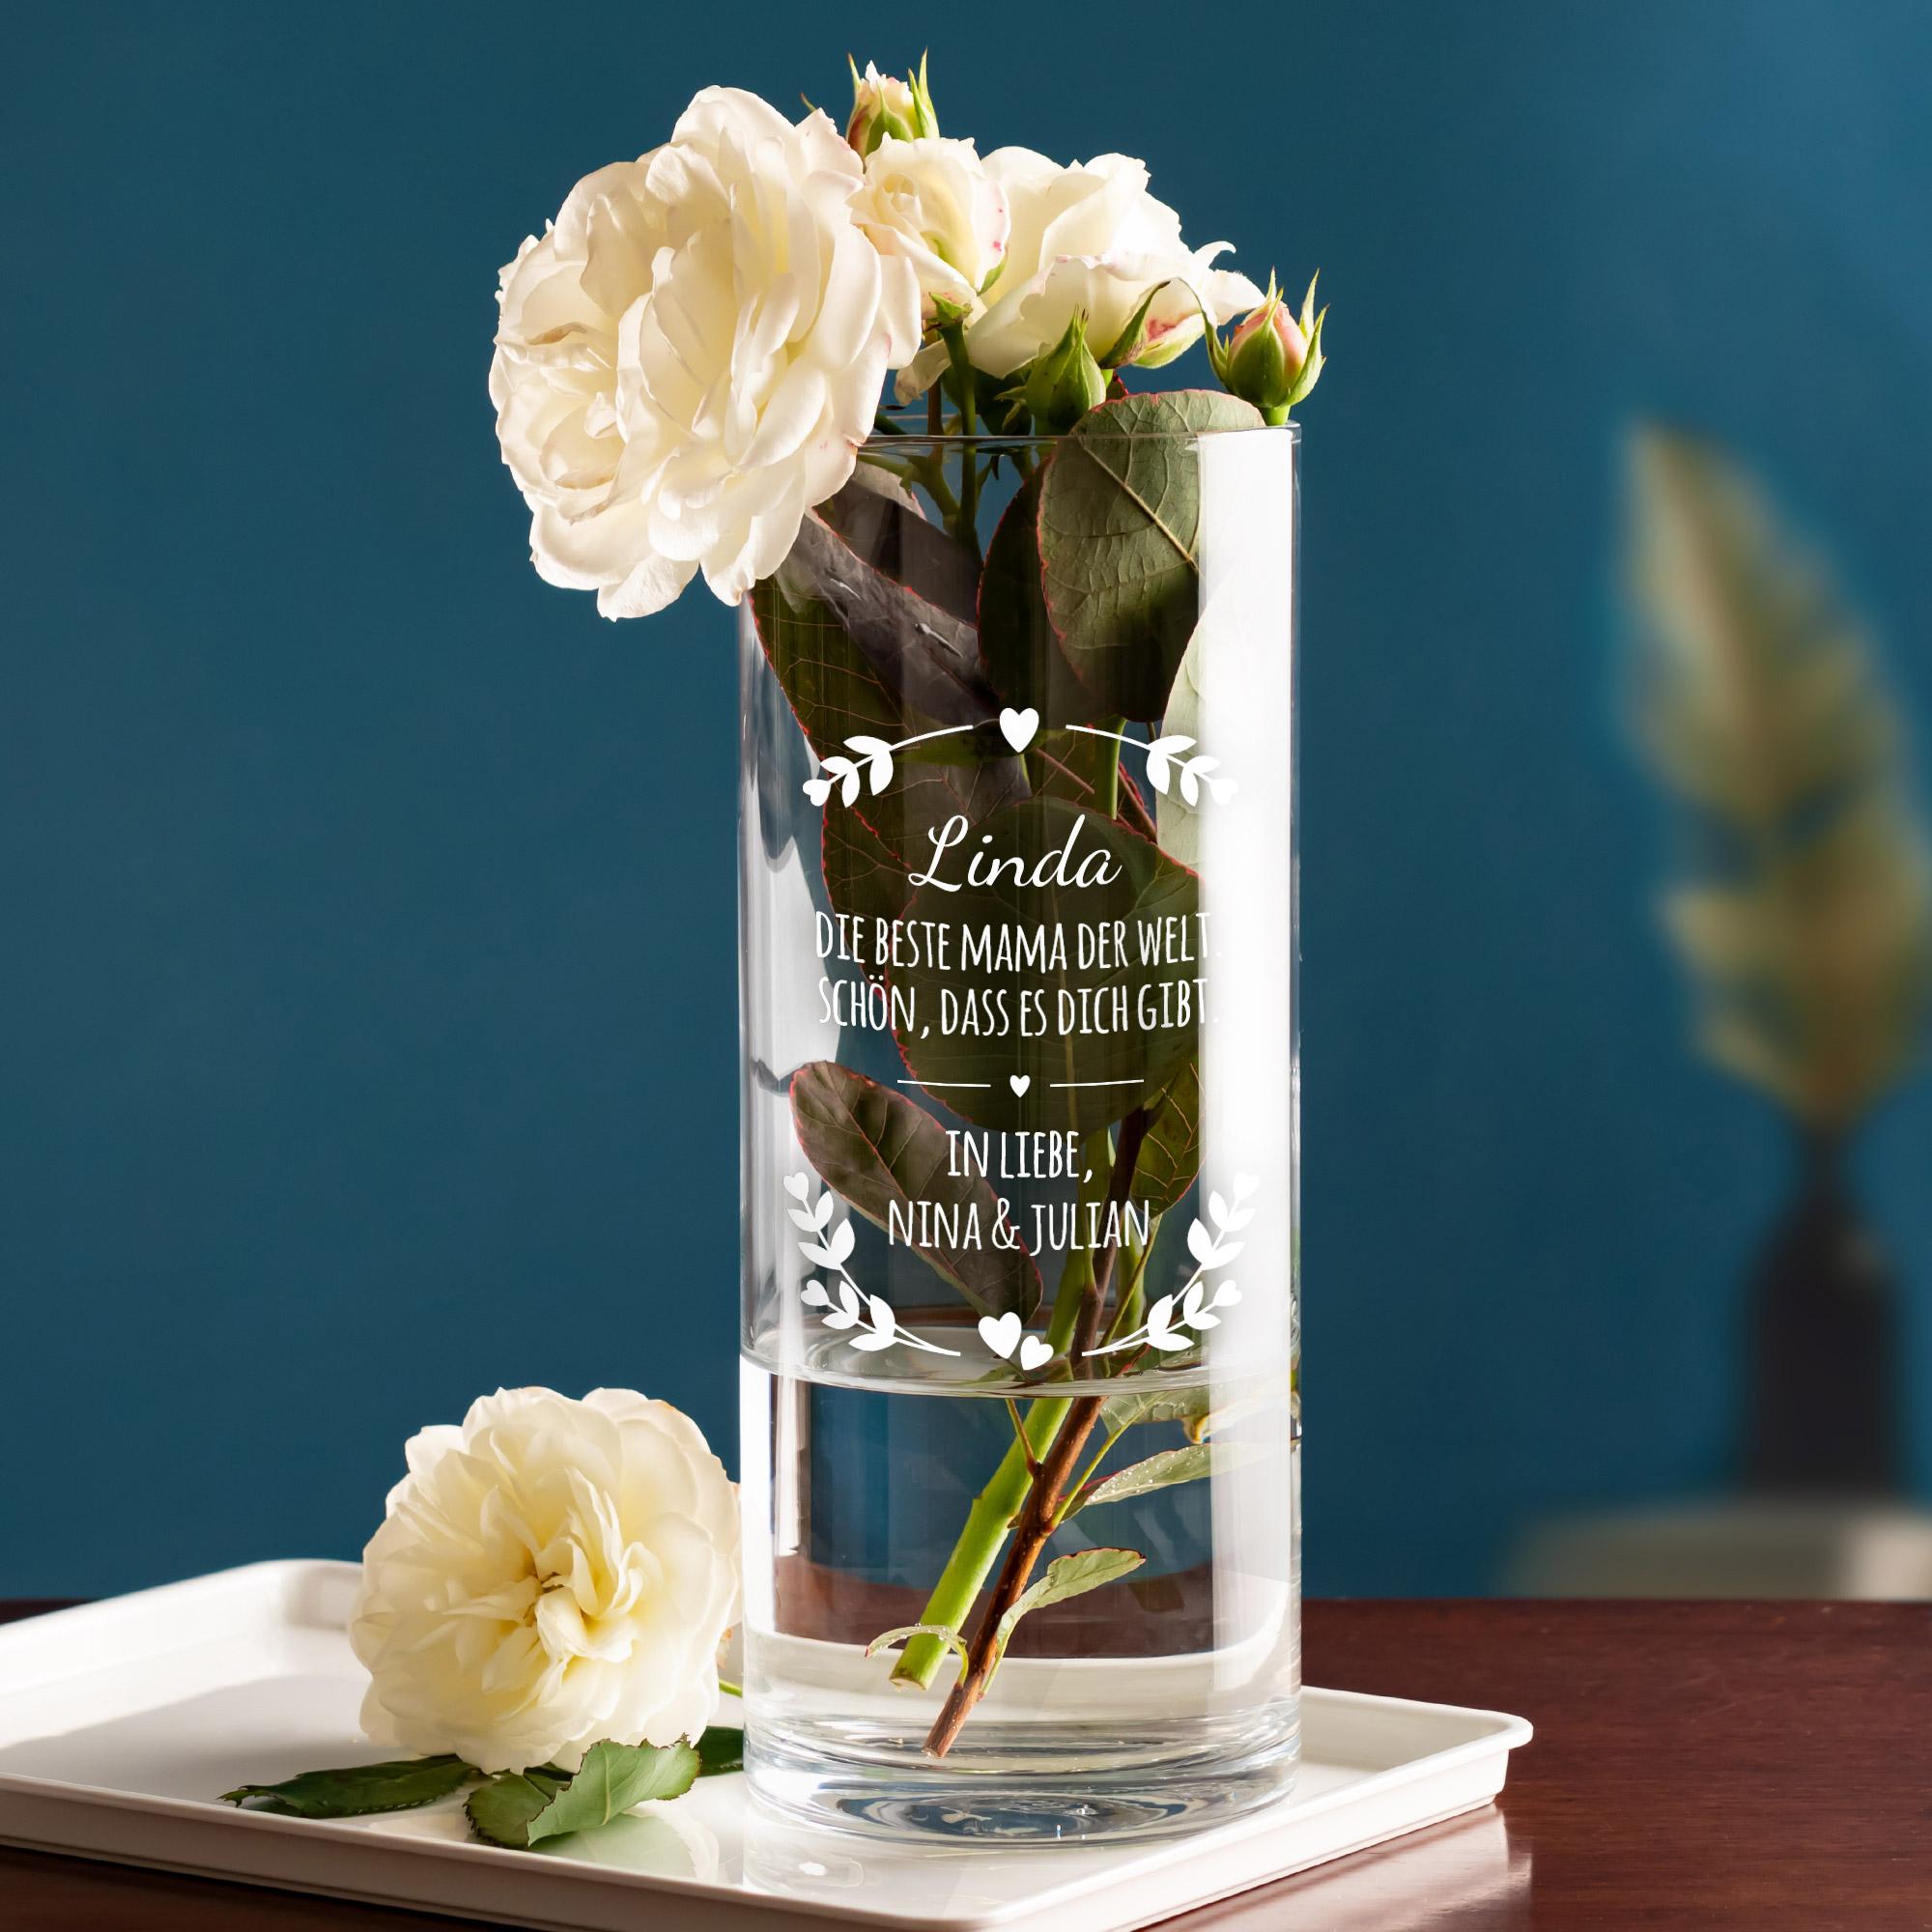 Runde Vase mit Gravur für die Beste Mama